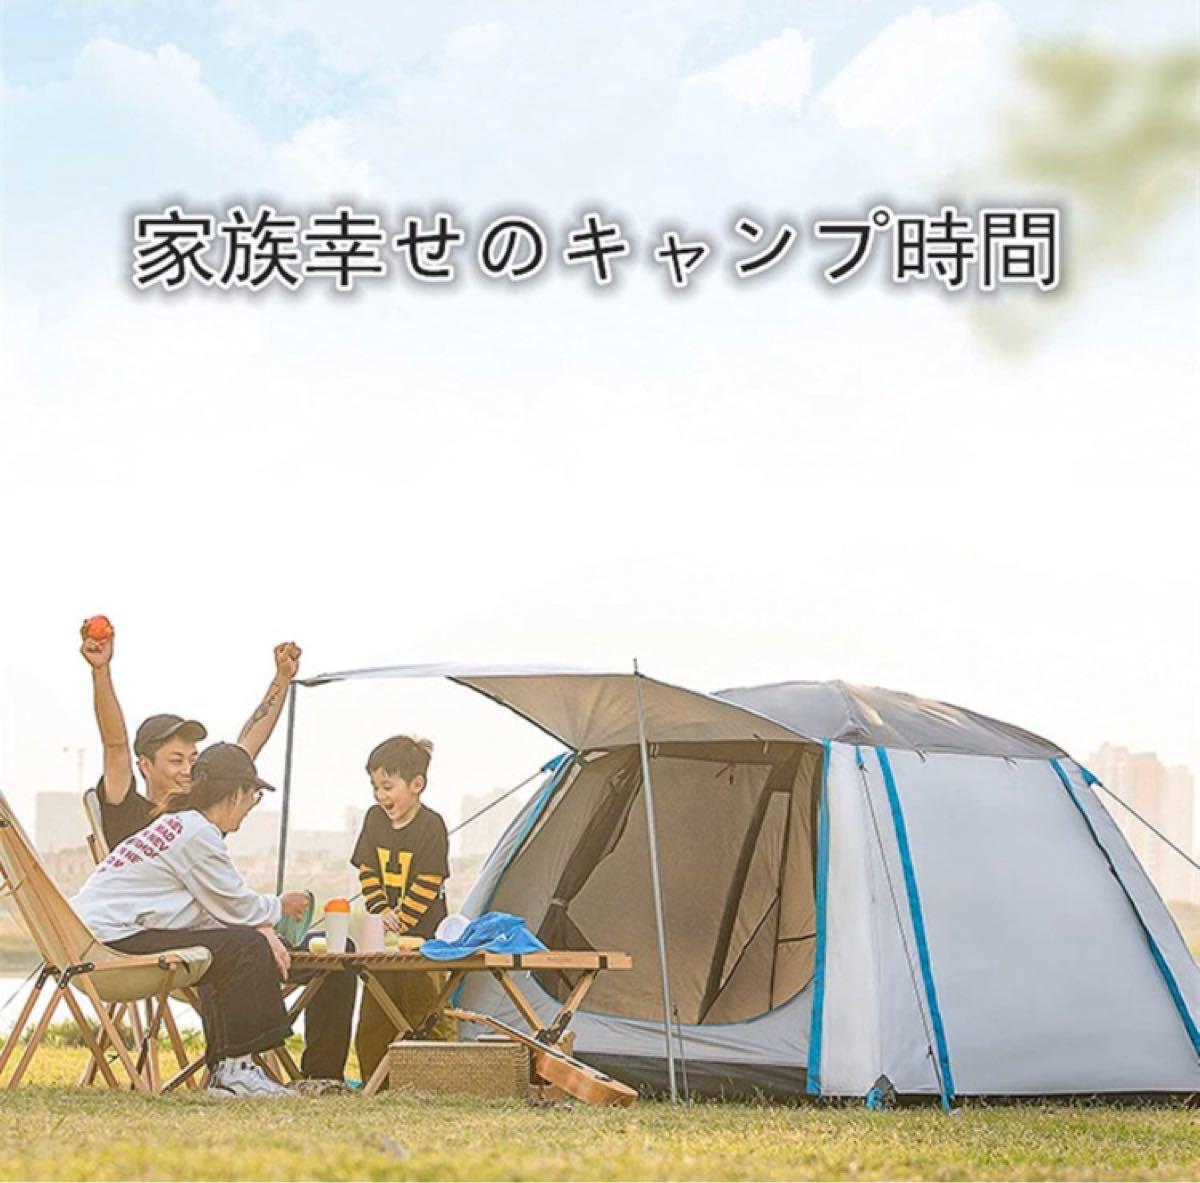 ペグ テント ペグ 鍛造ペグ テント用ペグ チタンペグ 30cm 8本セットテントロップ4本付き